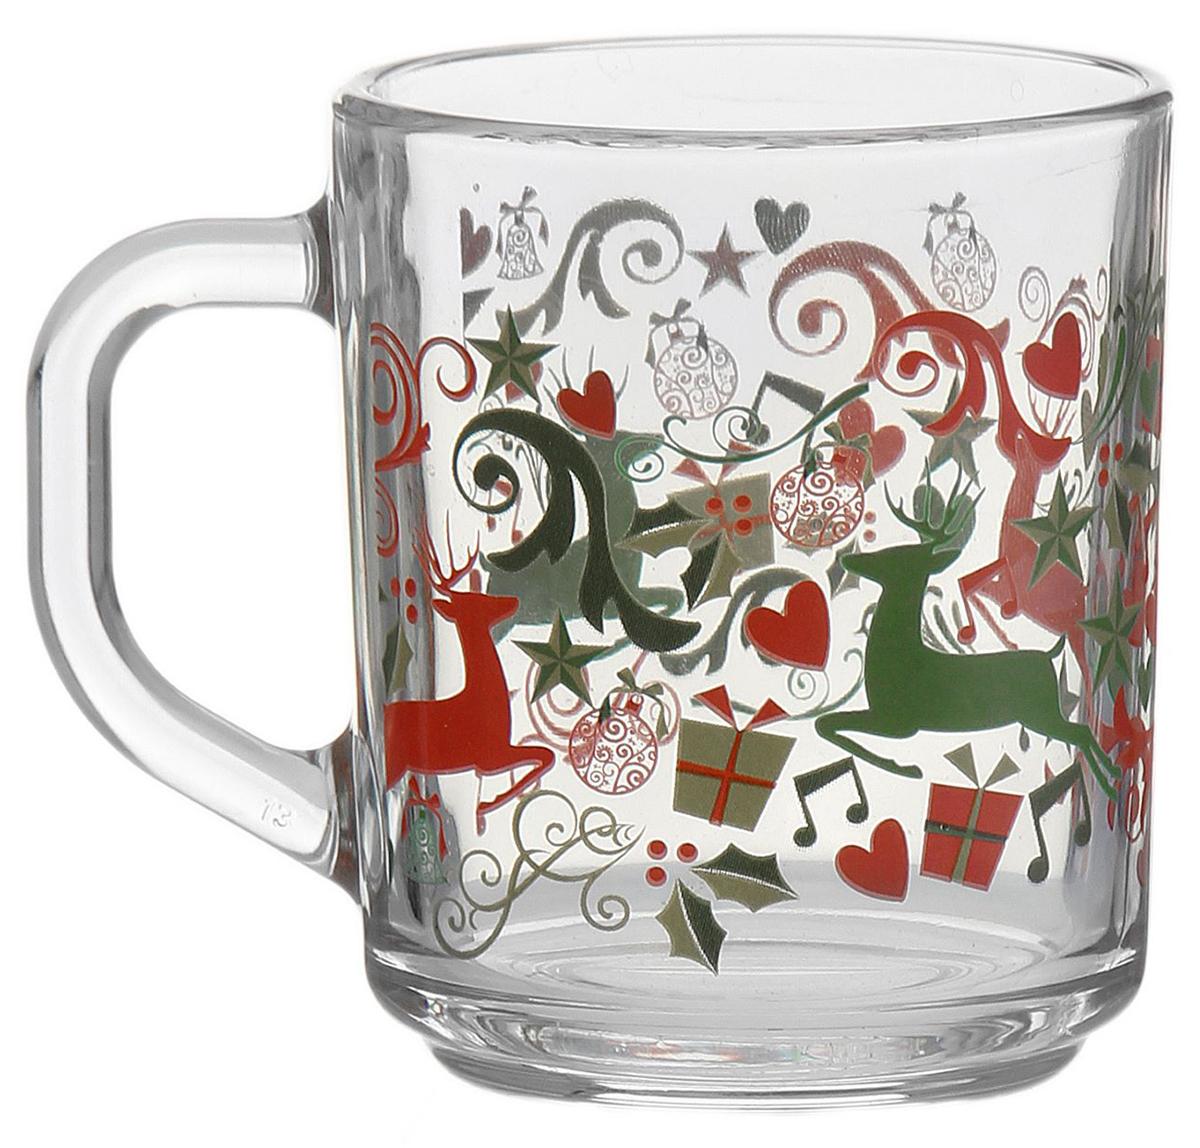 Кружка ОСЗ Green Tea. Олени и подарки, 200 мл1794829От качества посуды зависит не только вкус еды, но и здоровье человека. — товар, соответствующий российским стандартам качества. Любой хозяйке будет приятно держать его в руках. С нашей посудой и кухонной утварью приготовление еды и сервировка стола превратятся в настоящий праздник.